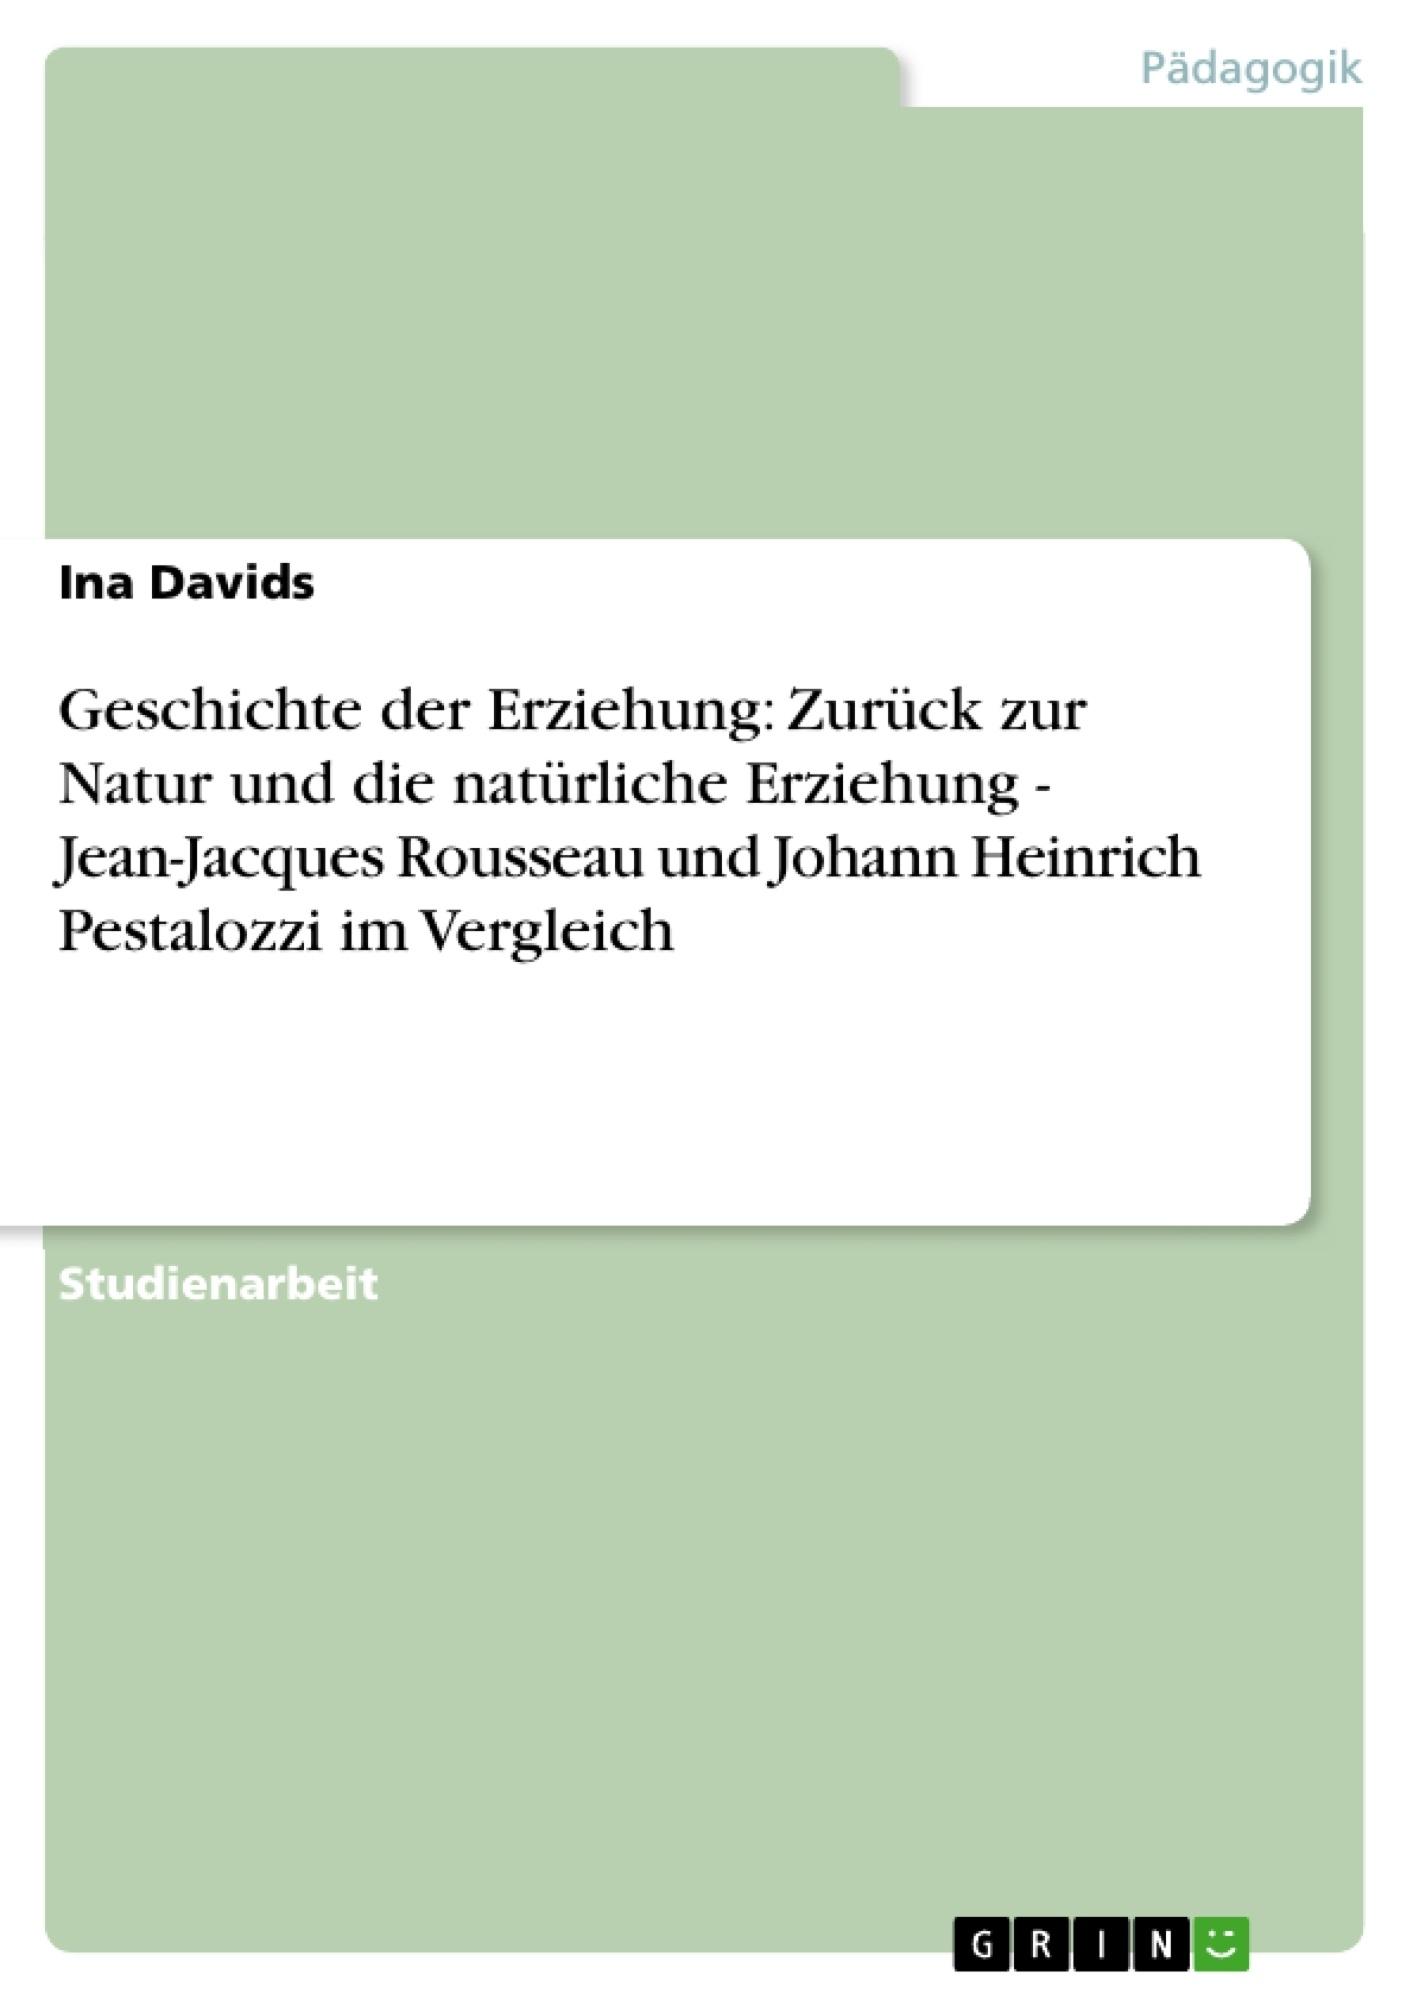 Titel: Geschichte der Erziehung: Zurück zur Natur und die natürliche Erziehung - Jean-Jacques Rousseau und Johann Heinrich Pestalozzi im Vergleich